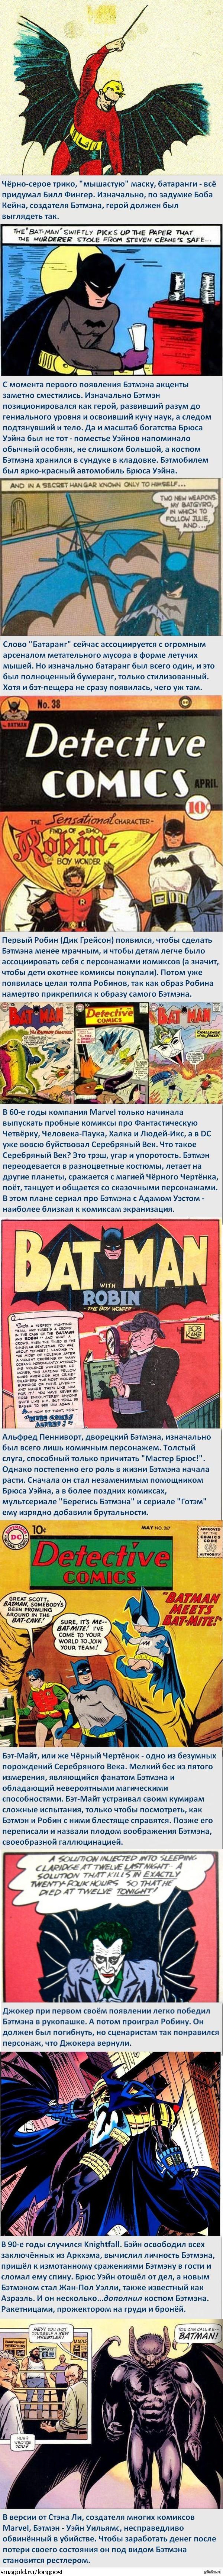 Факты о супергероях: Бэтмэн То, чего нет в фильмах. Или есть, но не так.